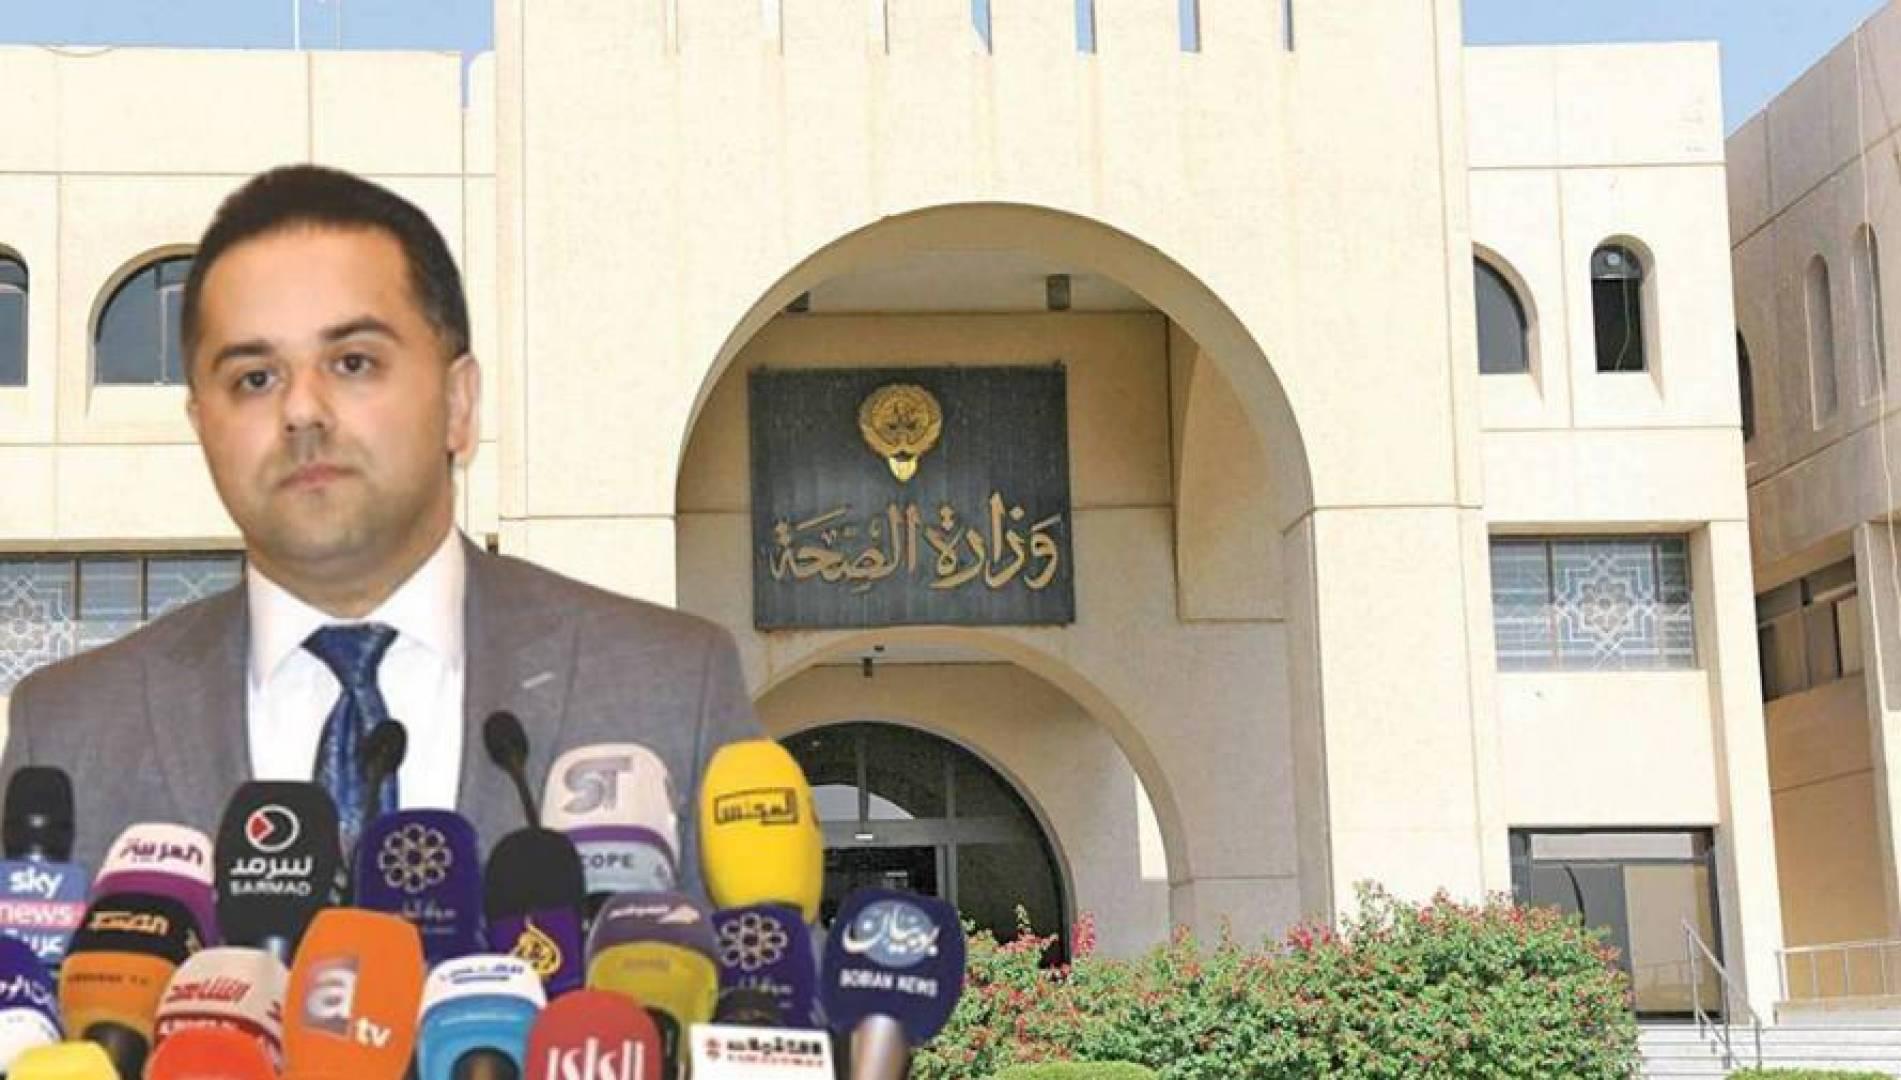 د. عبدالله السند: 136 شخصاً أنهوا فترة الحجر الصحي المؤسسي